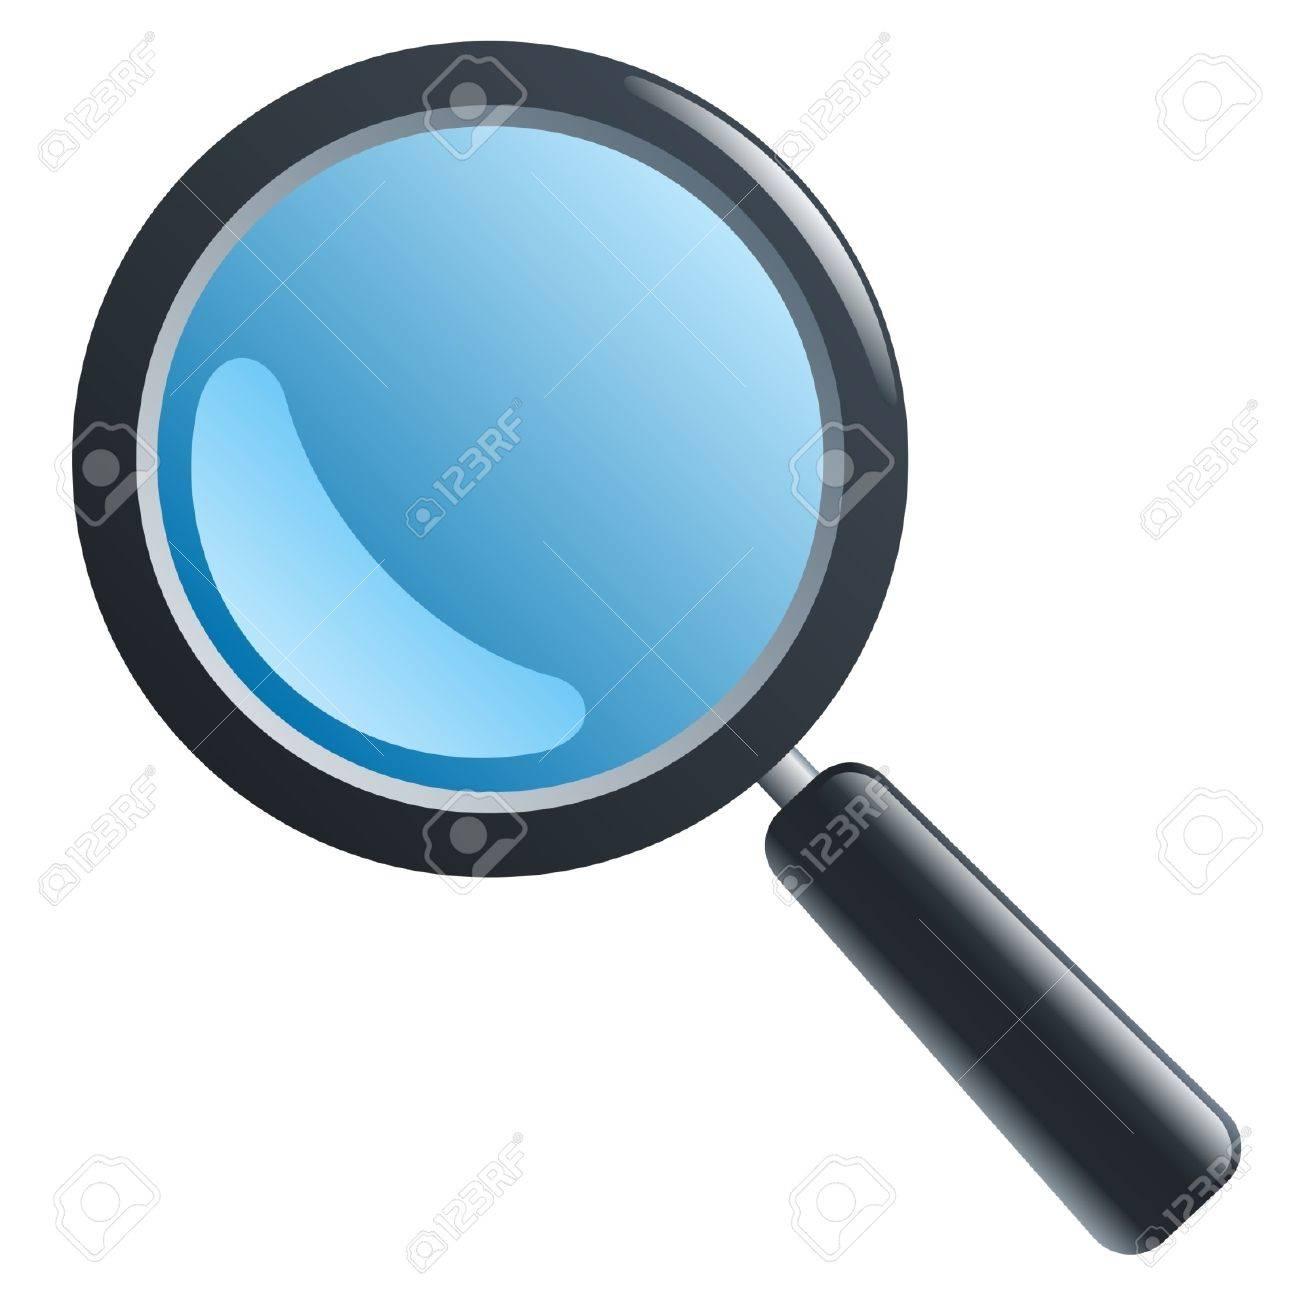 Magnifier Stock Vector - 13238522